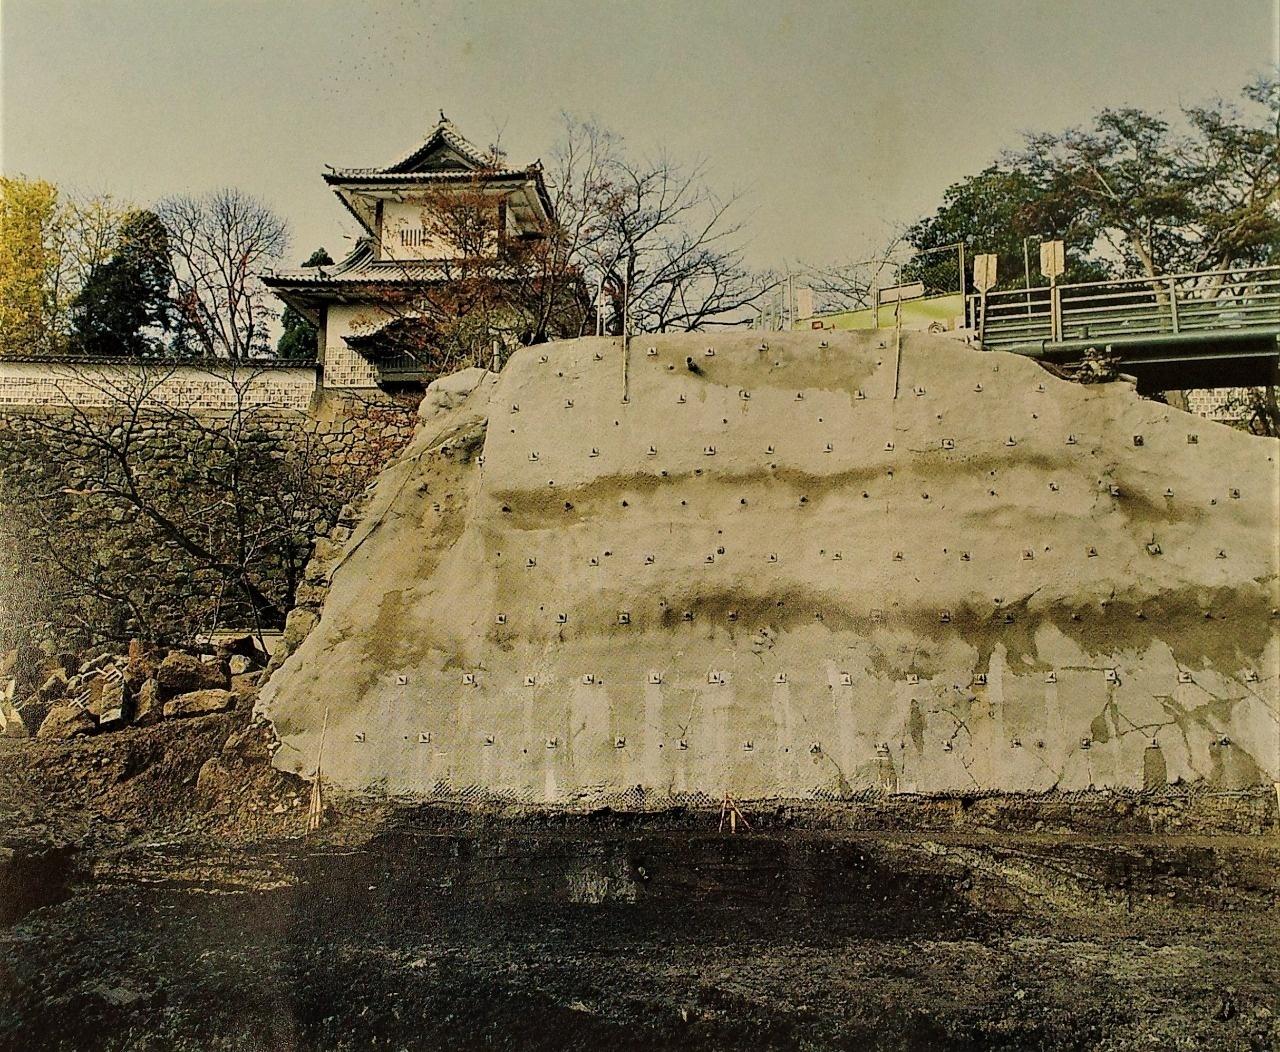 土橋坂の面影を残す土橋の断面。左上は石川門菱櫓(1993年)=県立埋蔵文化財センター報告書より